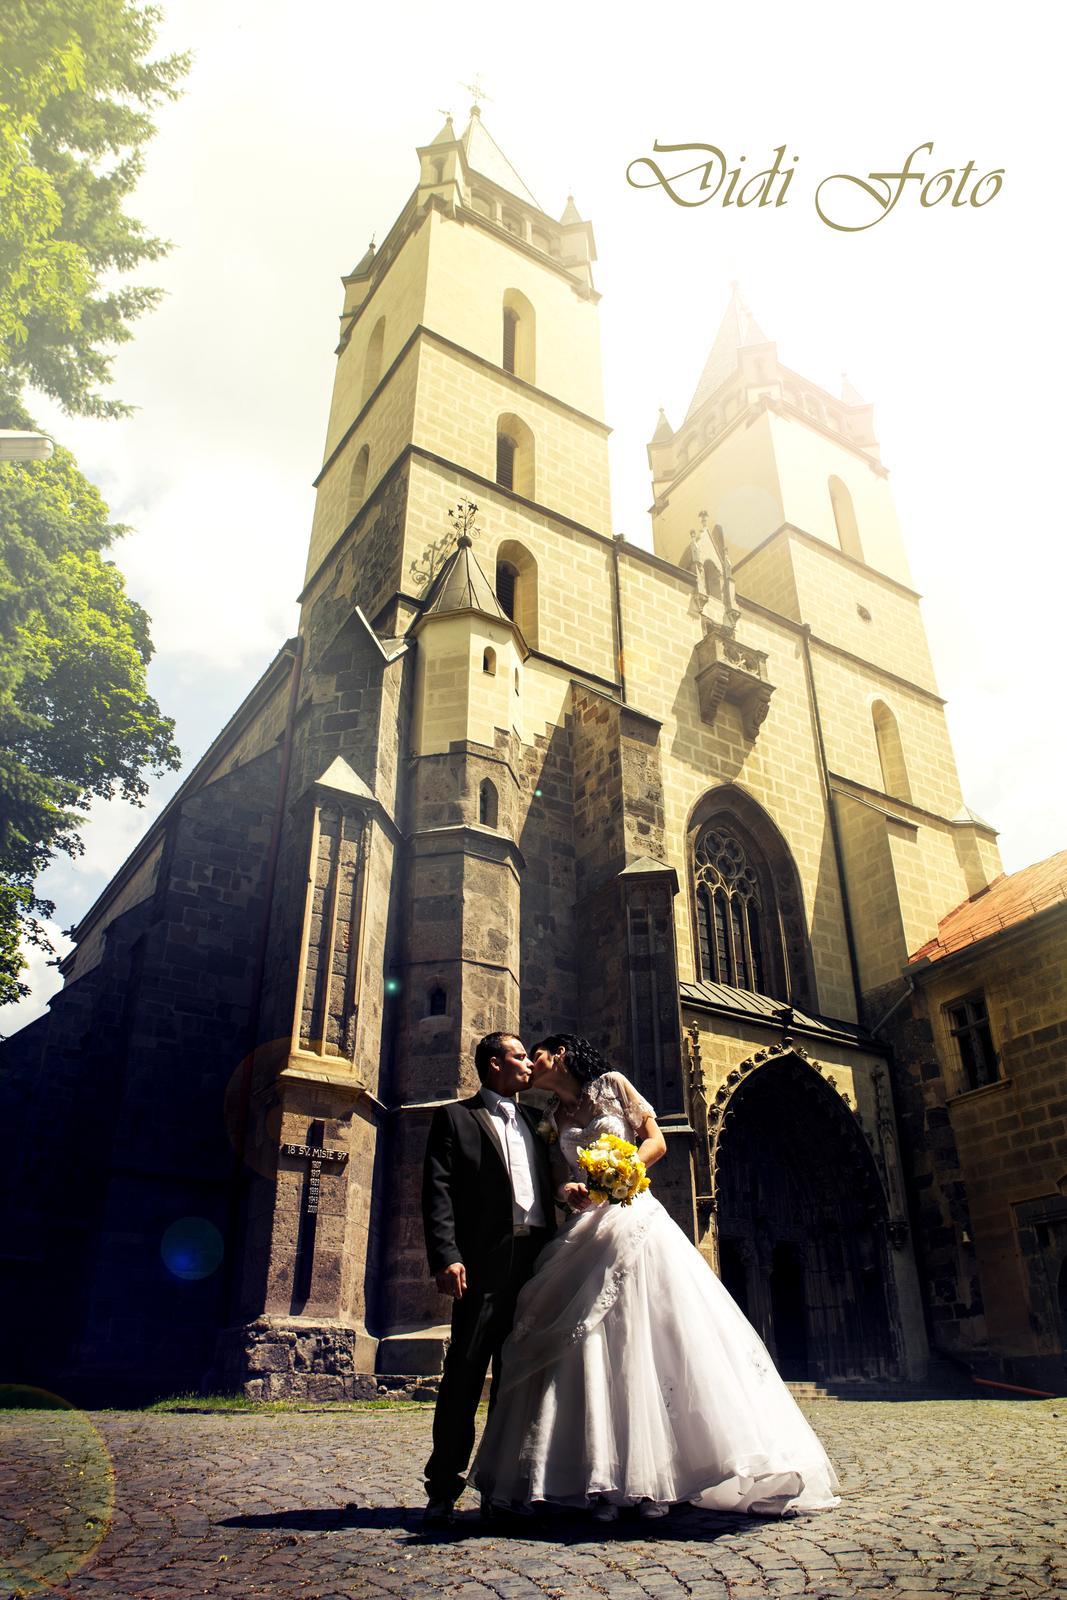 Dobrý deň, ponúkam svadobné... - Obrázok č. 2